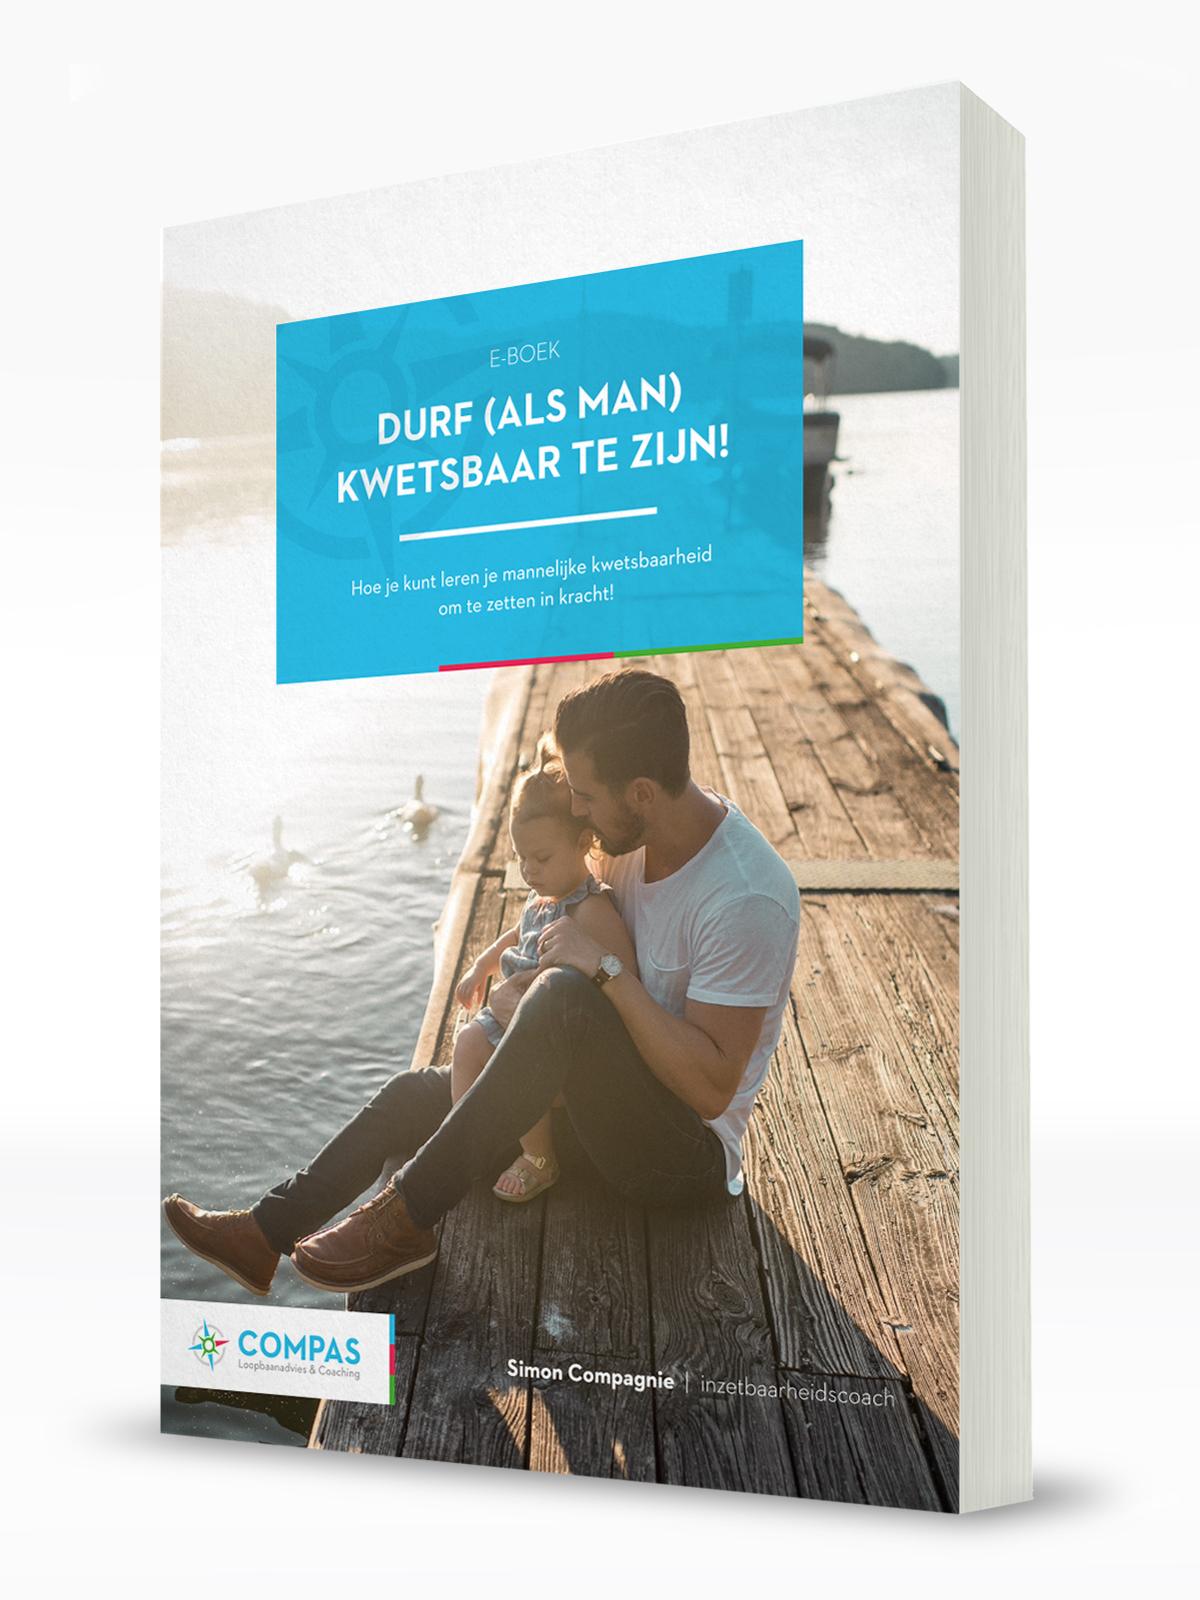 Download mijn e-boek en ontvang 7 tips die mannen helpen!